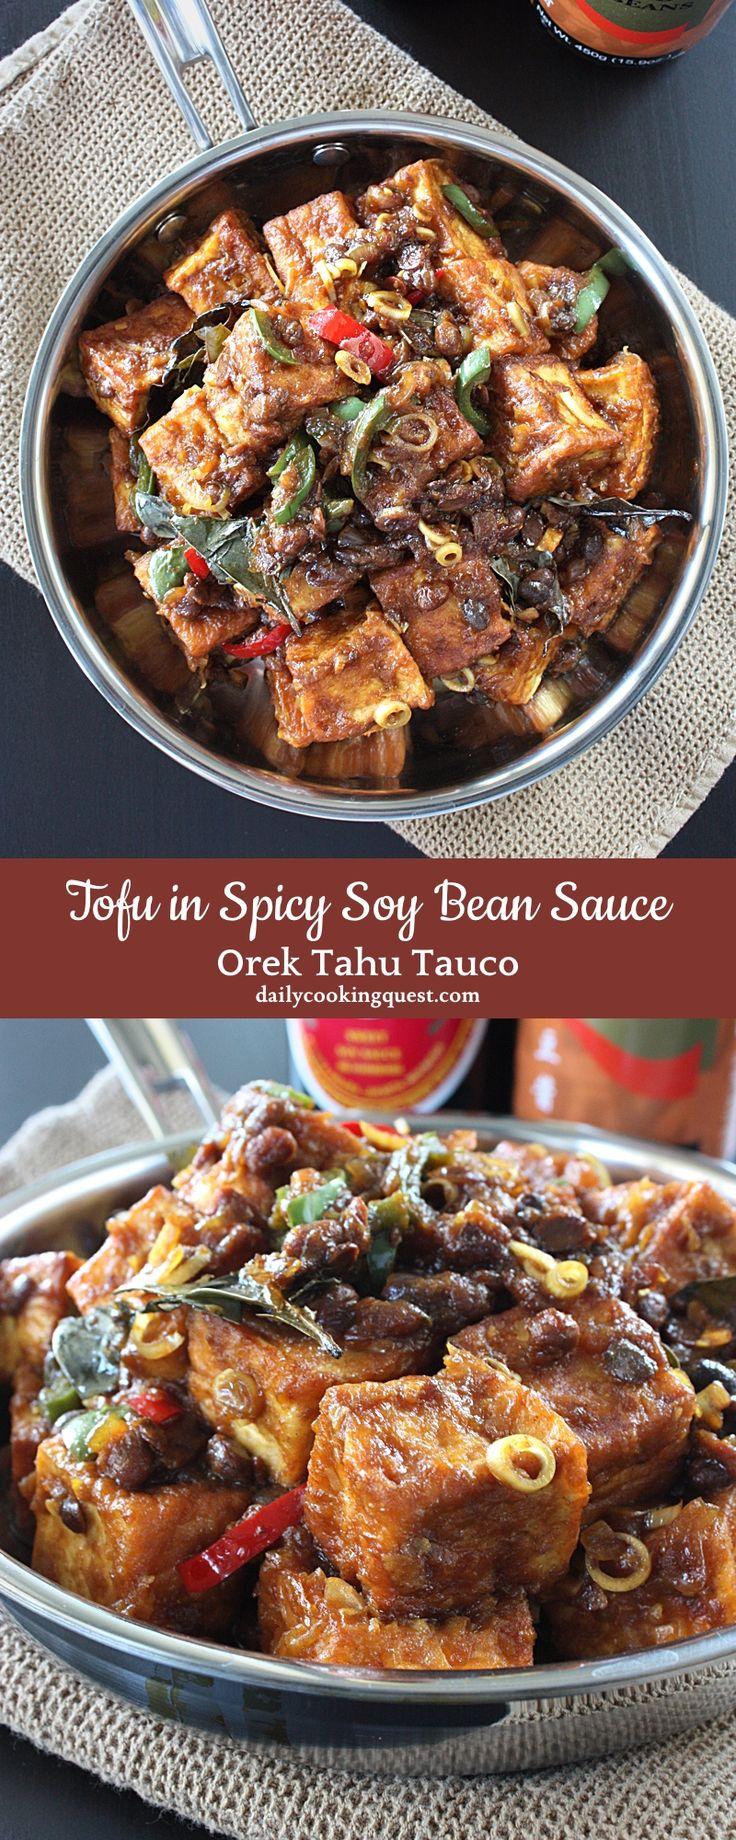 Orek Tahu Tauco – Tofu in Spicy Soy Bean Sauce